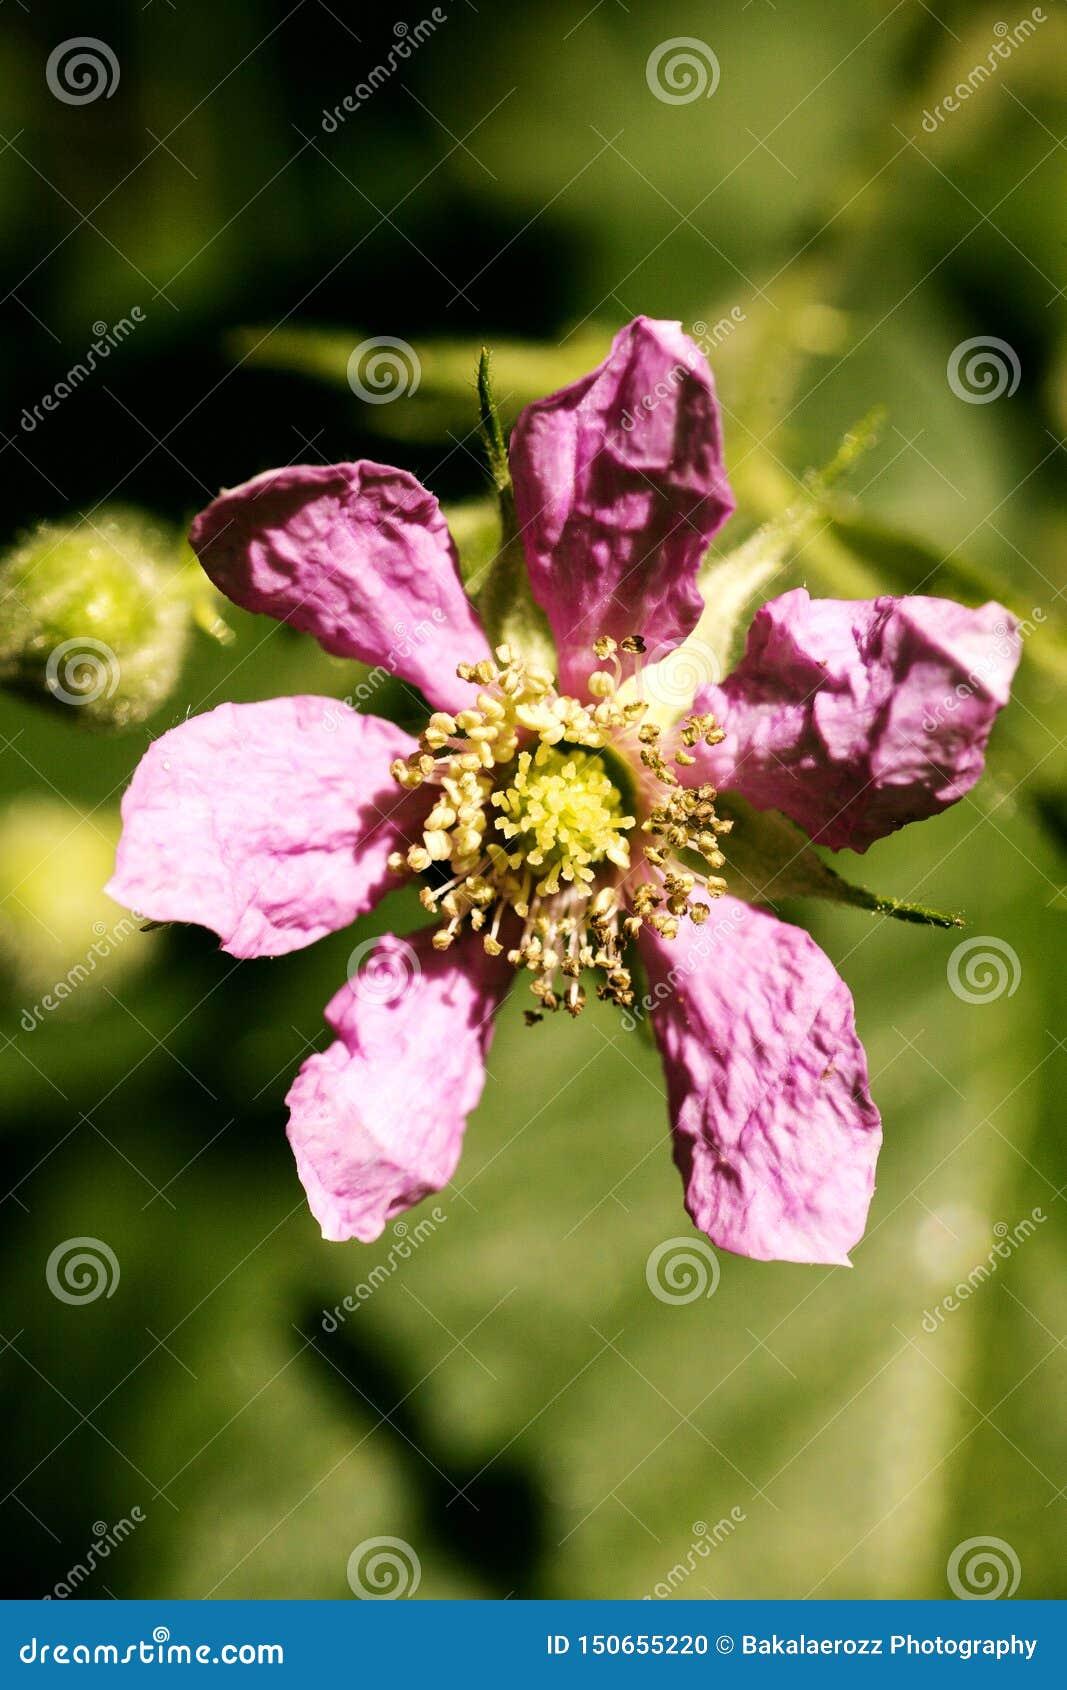 Kwitnie Rubus occidentalis Rosaceae tła rodzinną makro- sztukę piękną w wysokiej jakości druków produktach pięćdziesiąt megapixel